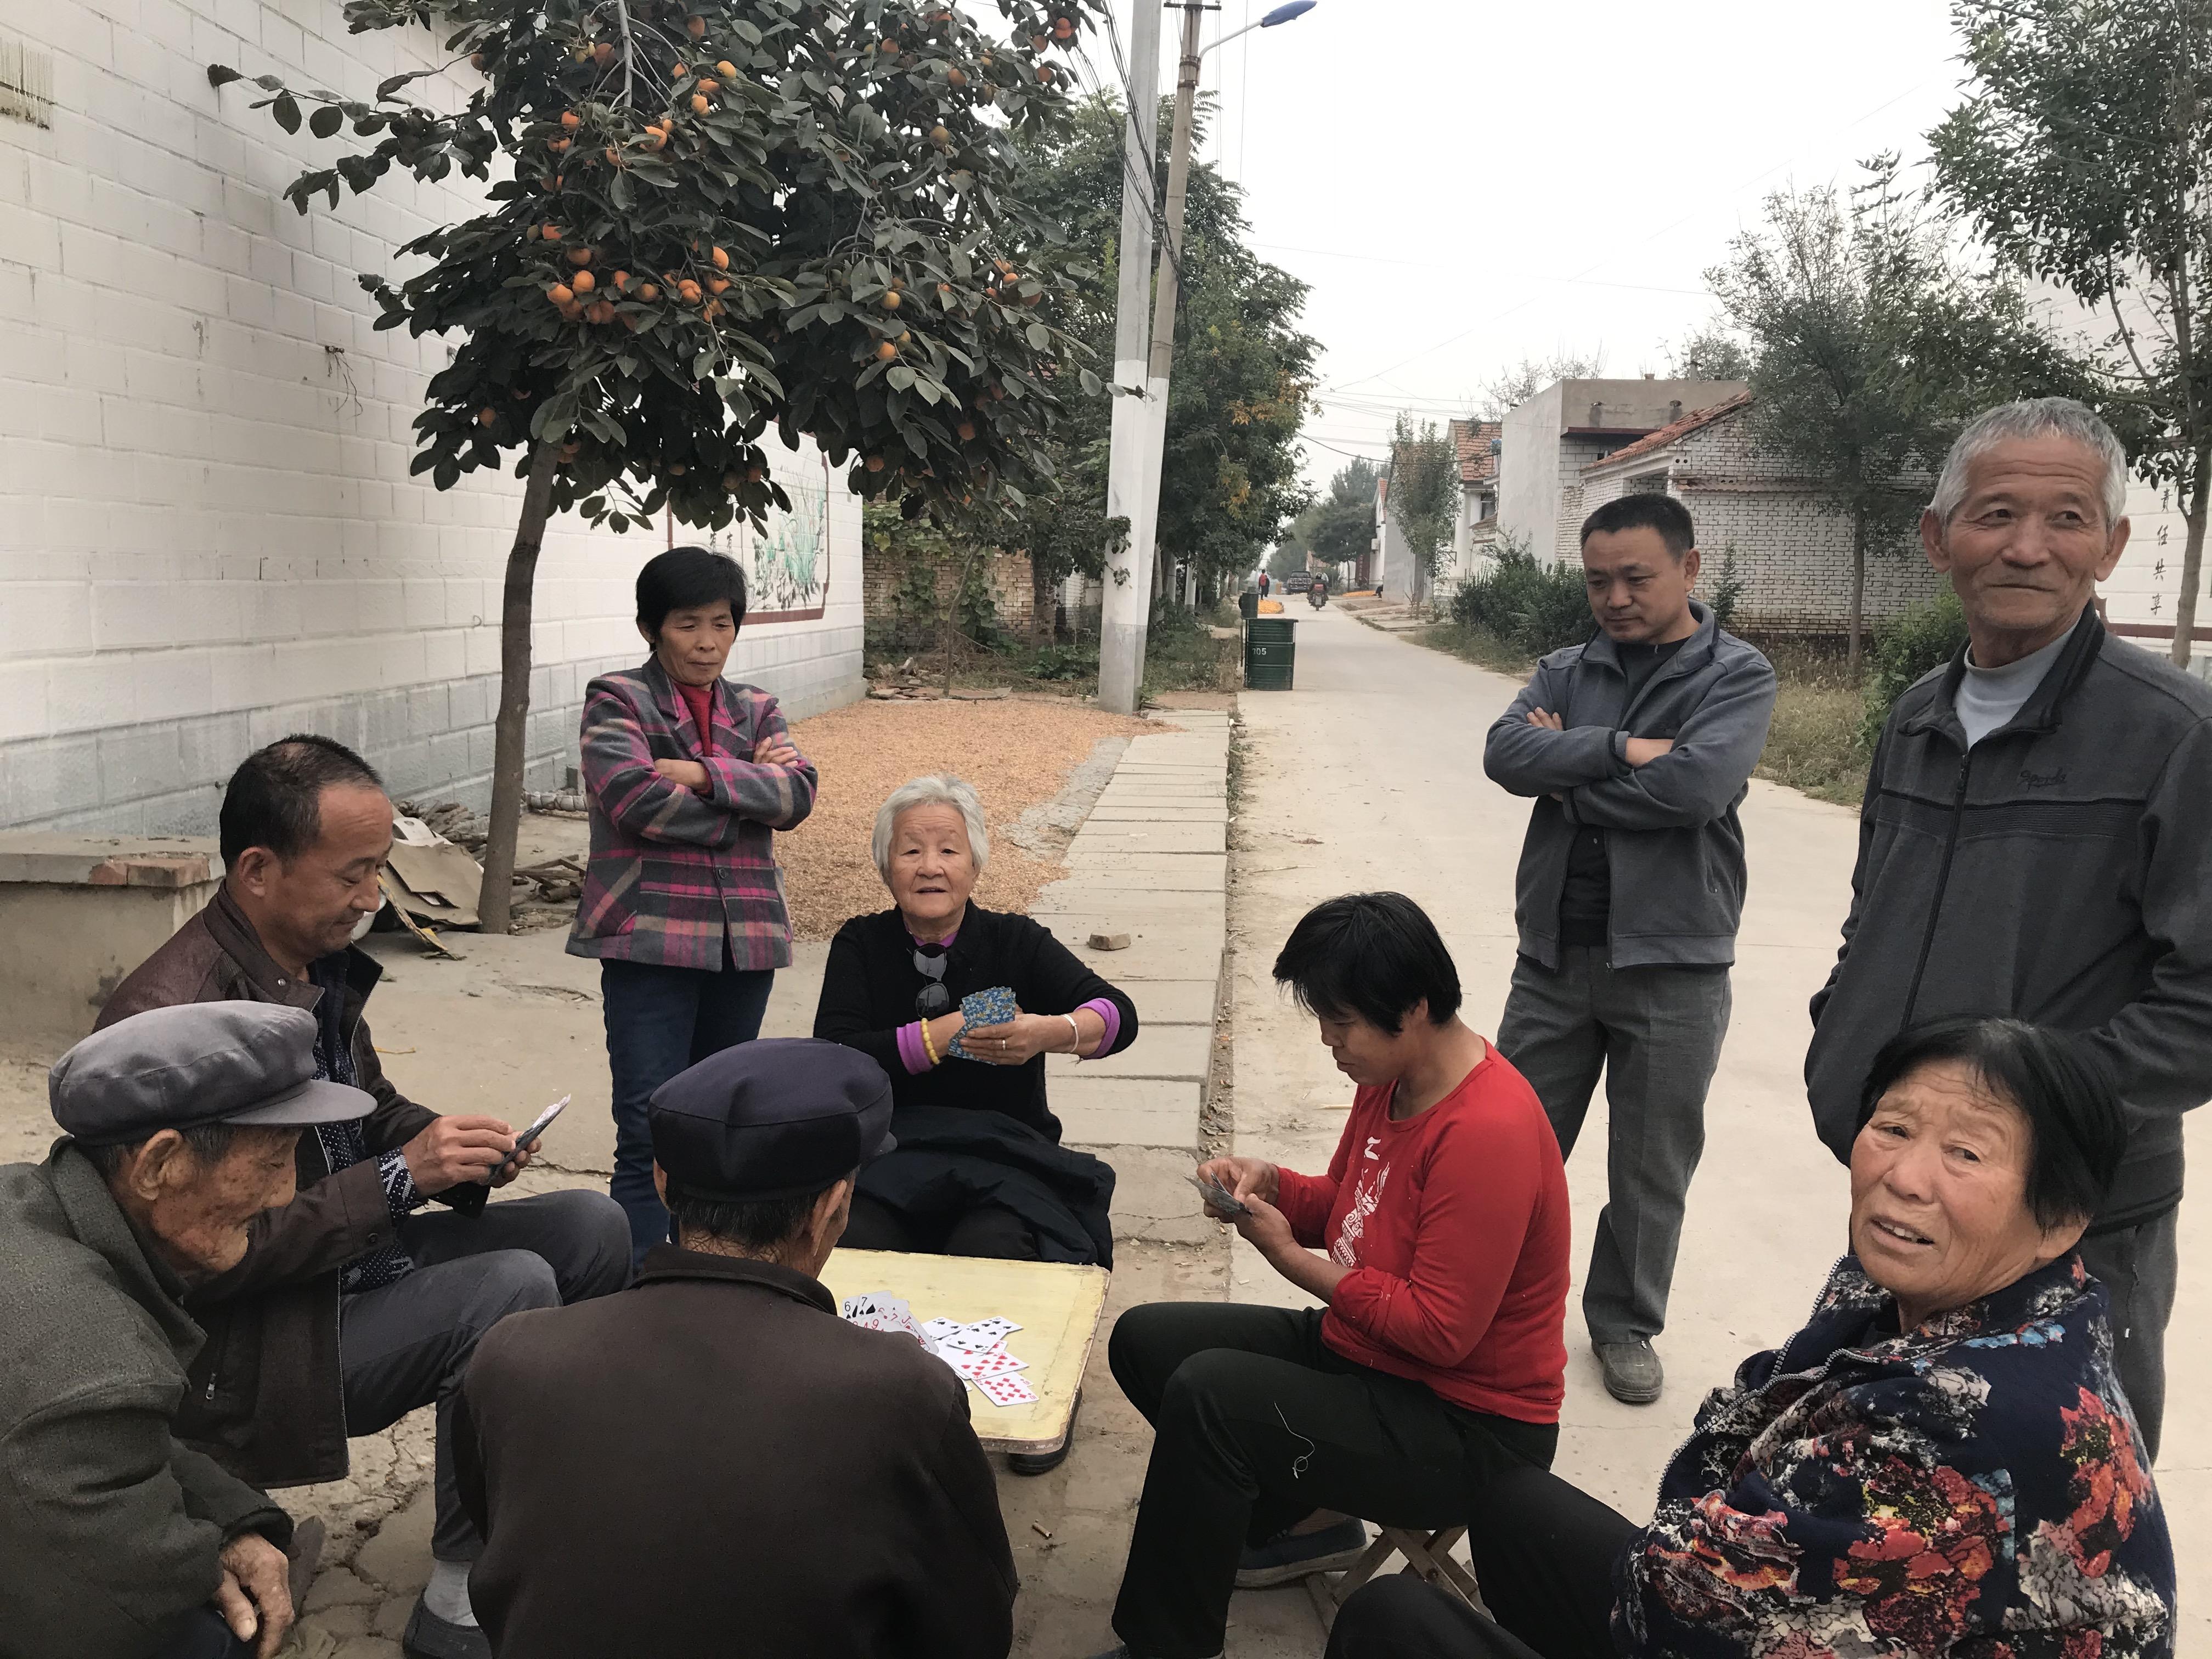 【共话幸福小康】南王村: 国庆中秋喜而不闲 建强产业增加收入